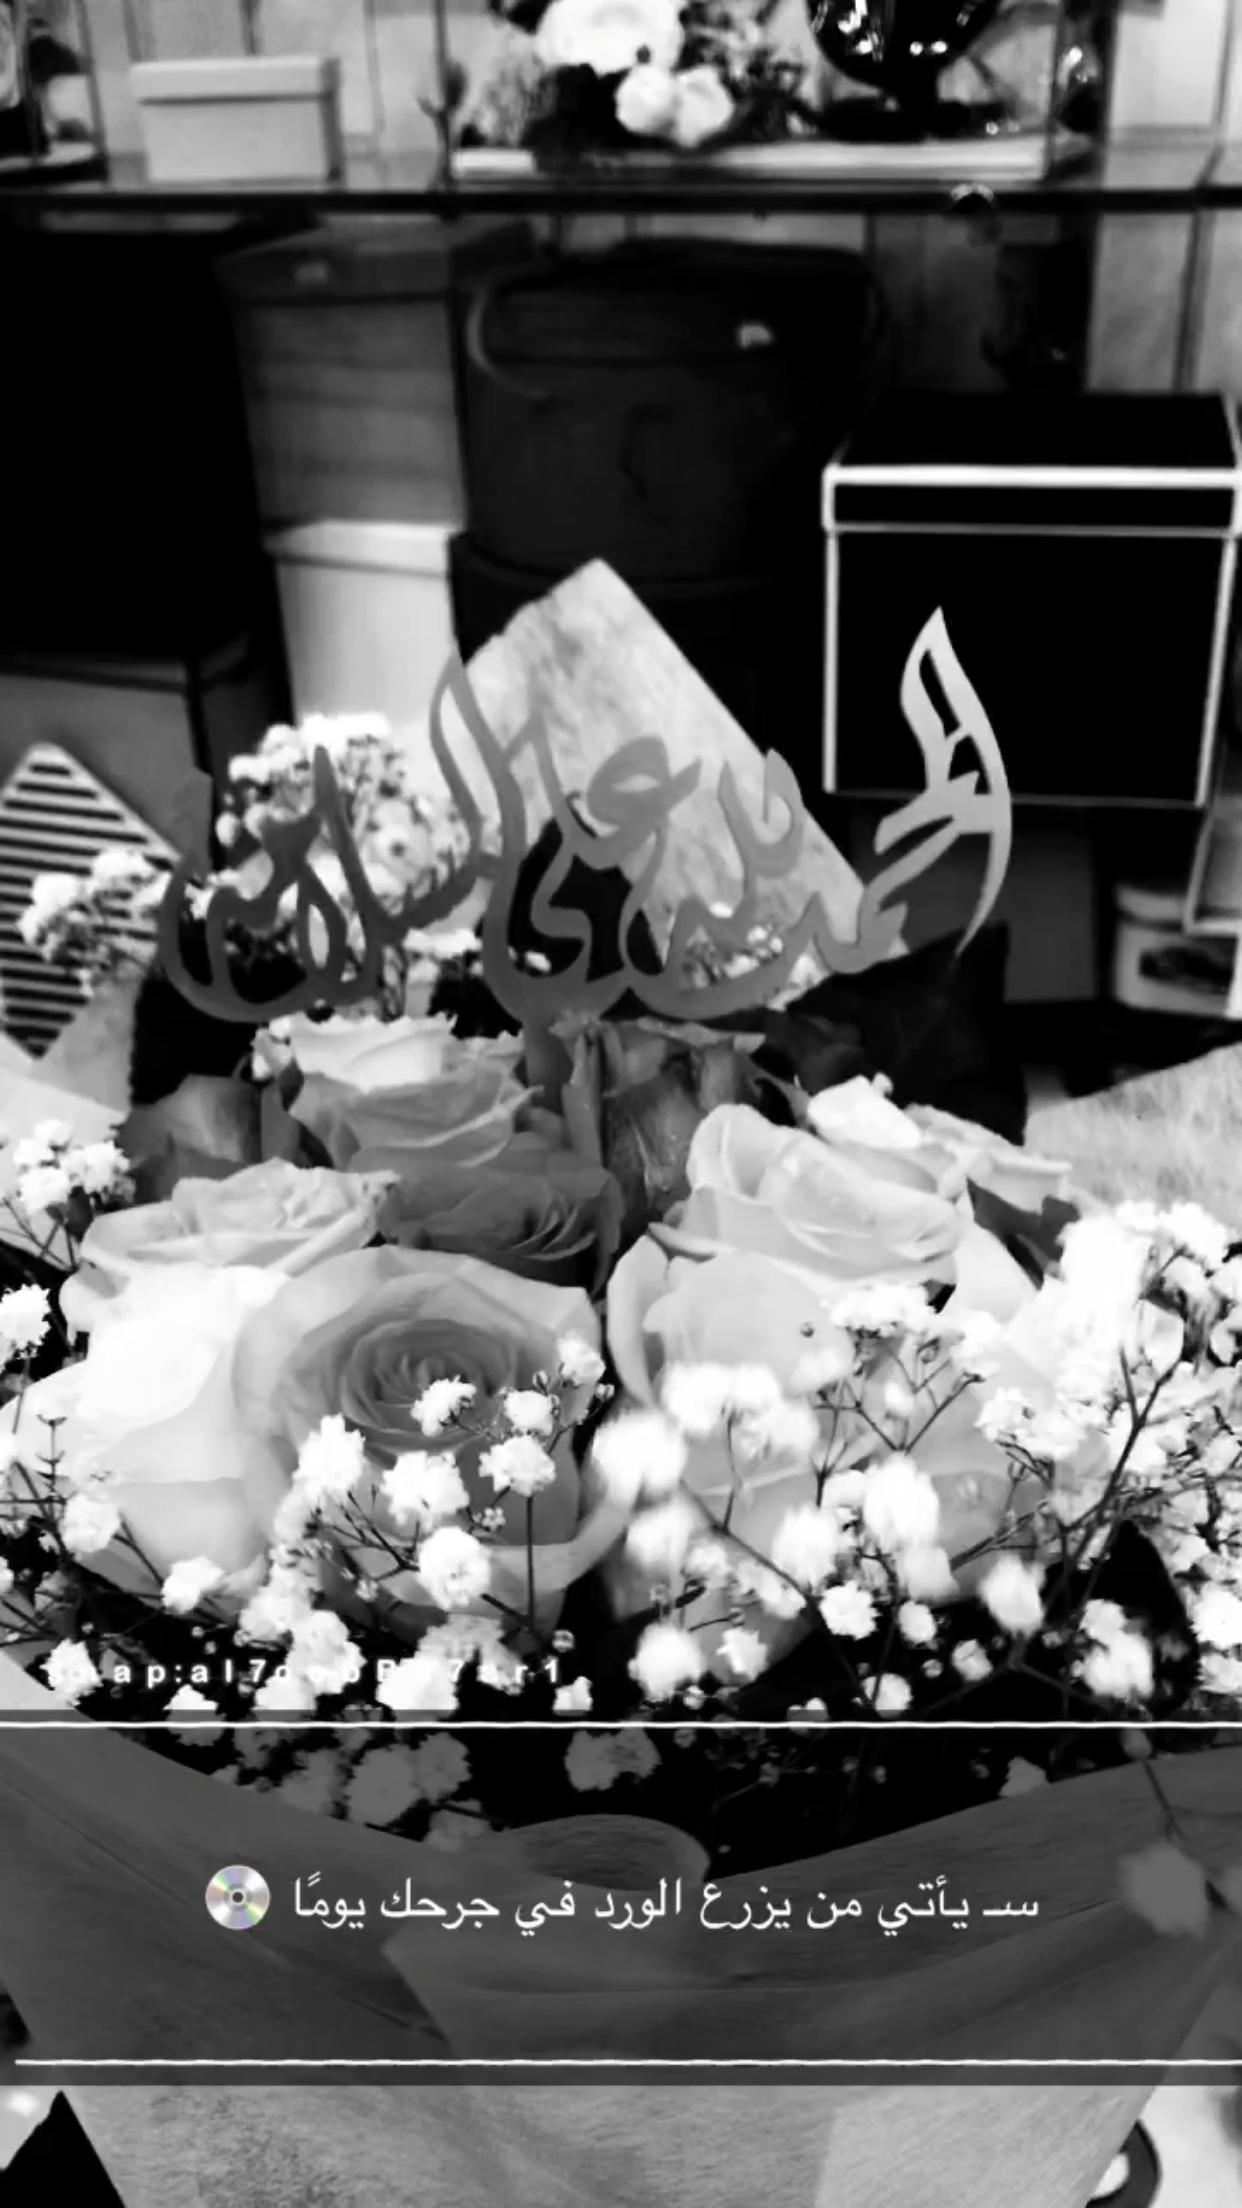 همسة سـ يأتي من يزرع الورد في جرحك يوم ا تصويري تصويري سناب تصميمي تصميم صوره من فيديو ورد باقة با Flowers Takeout Container Snapchat